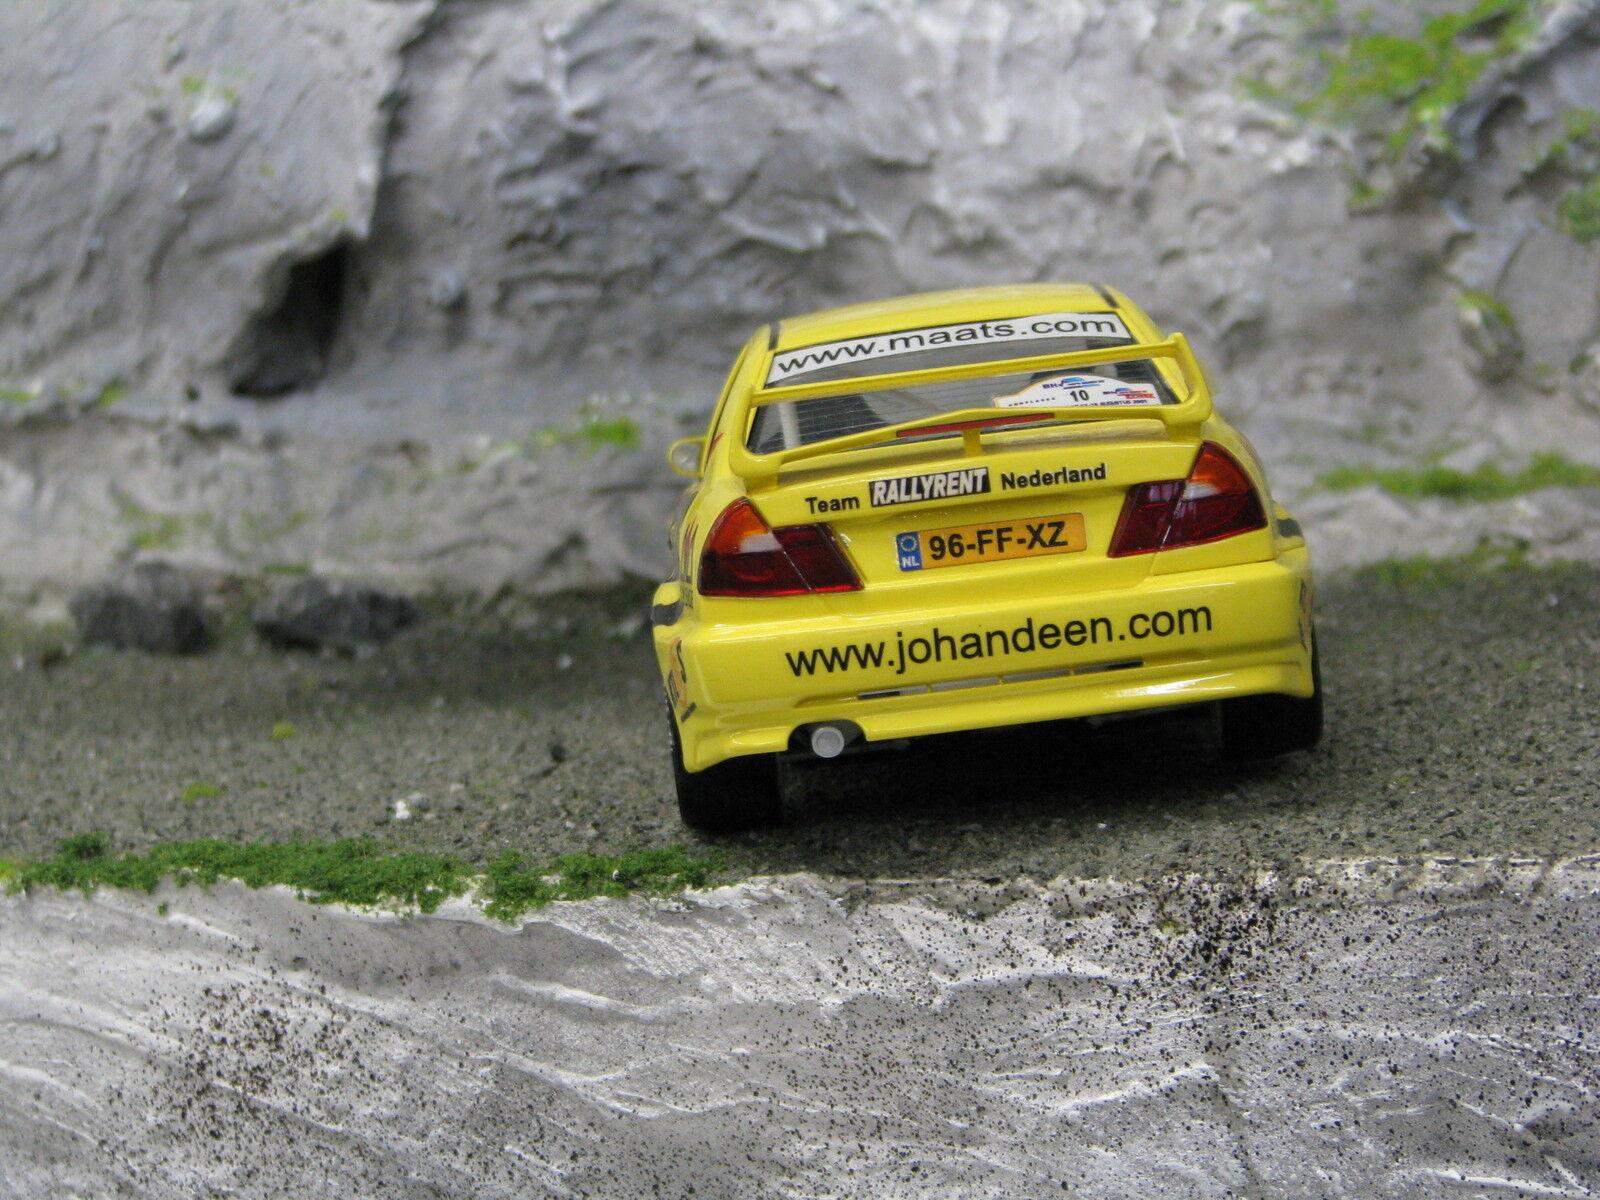 QSP Mitsubishi Lancer Evo Vl 1 24 Deen Deen Deen   Scholtalbers BHV Expo Rally 2001 5b6fde